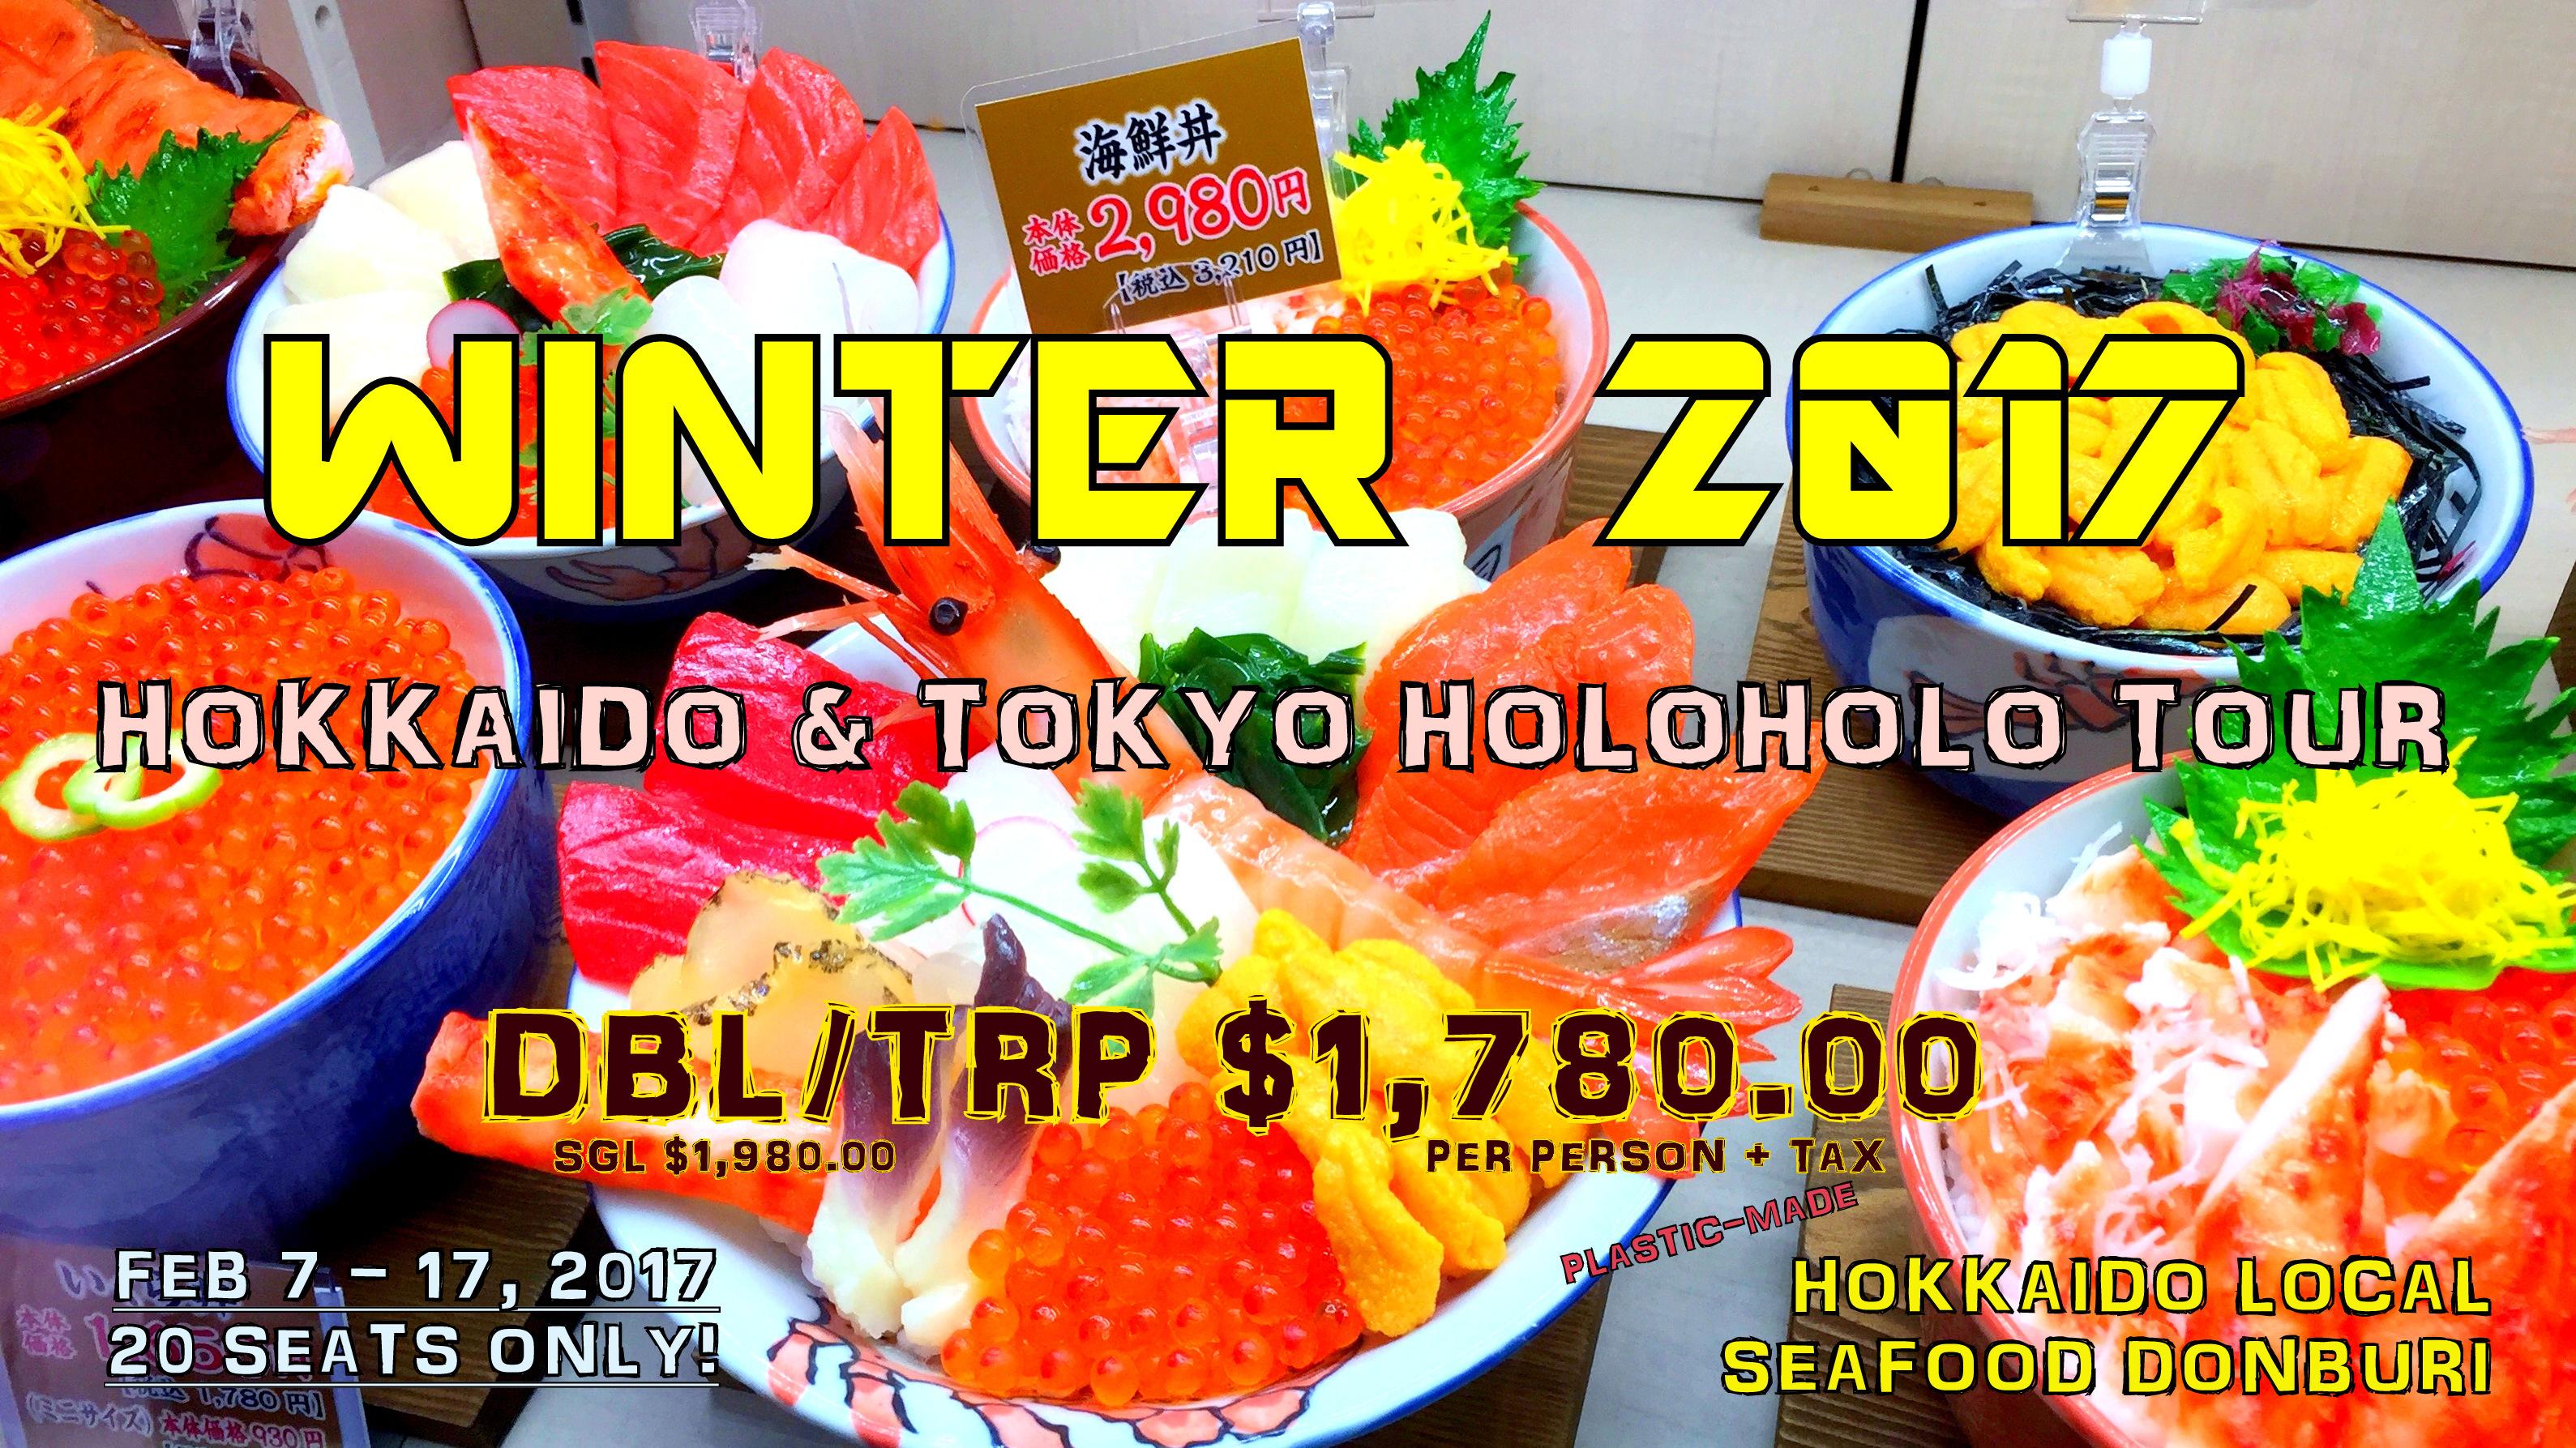 Winter 2017 - Sapporo Snow Festival & Asahikawa Winter Festival in Hokkaido & Tokyo Holoholo!!